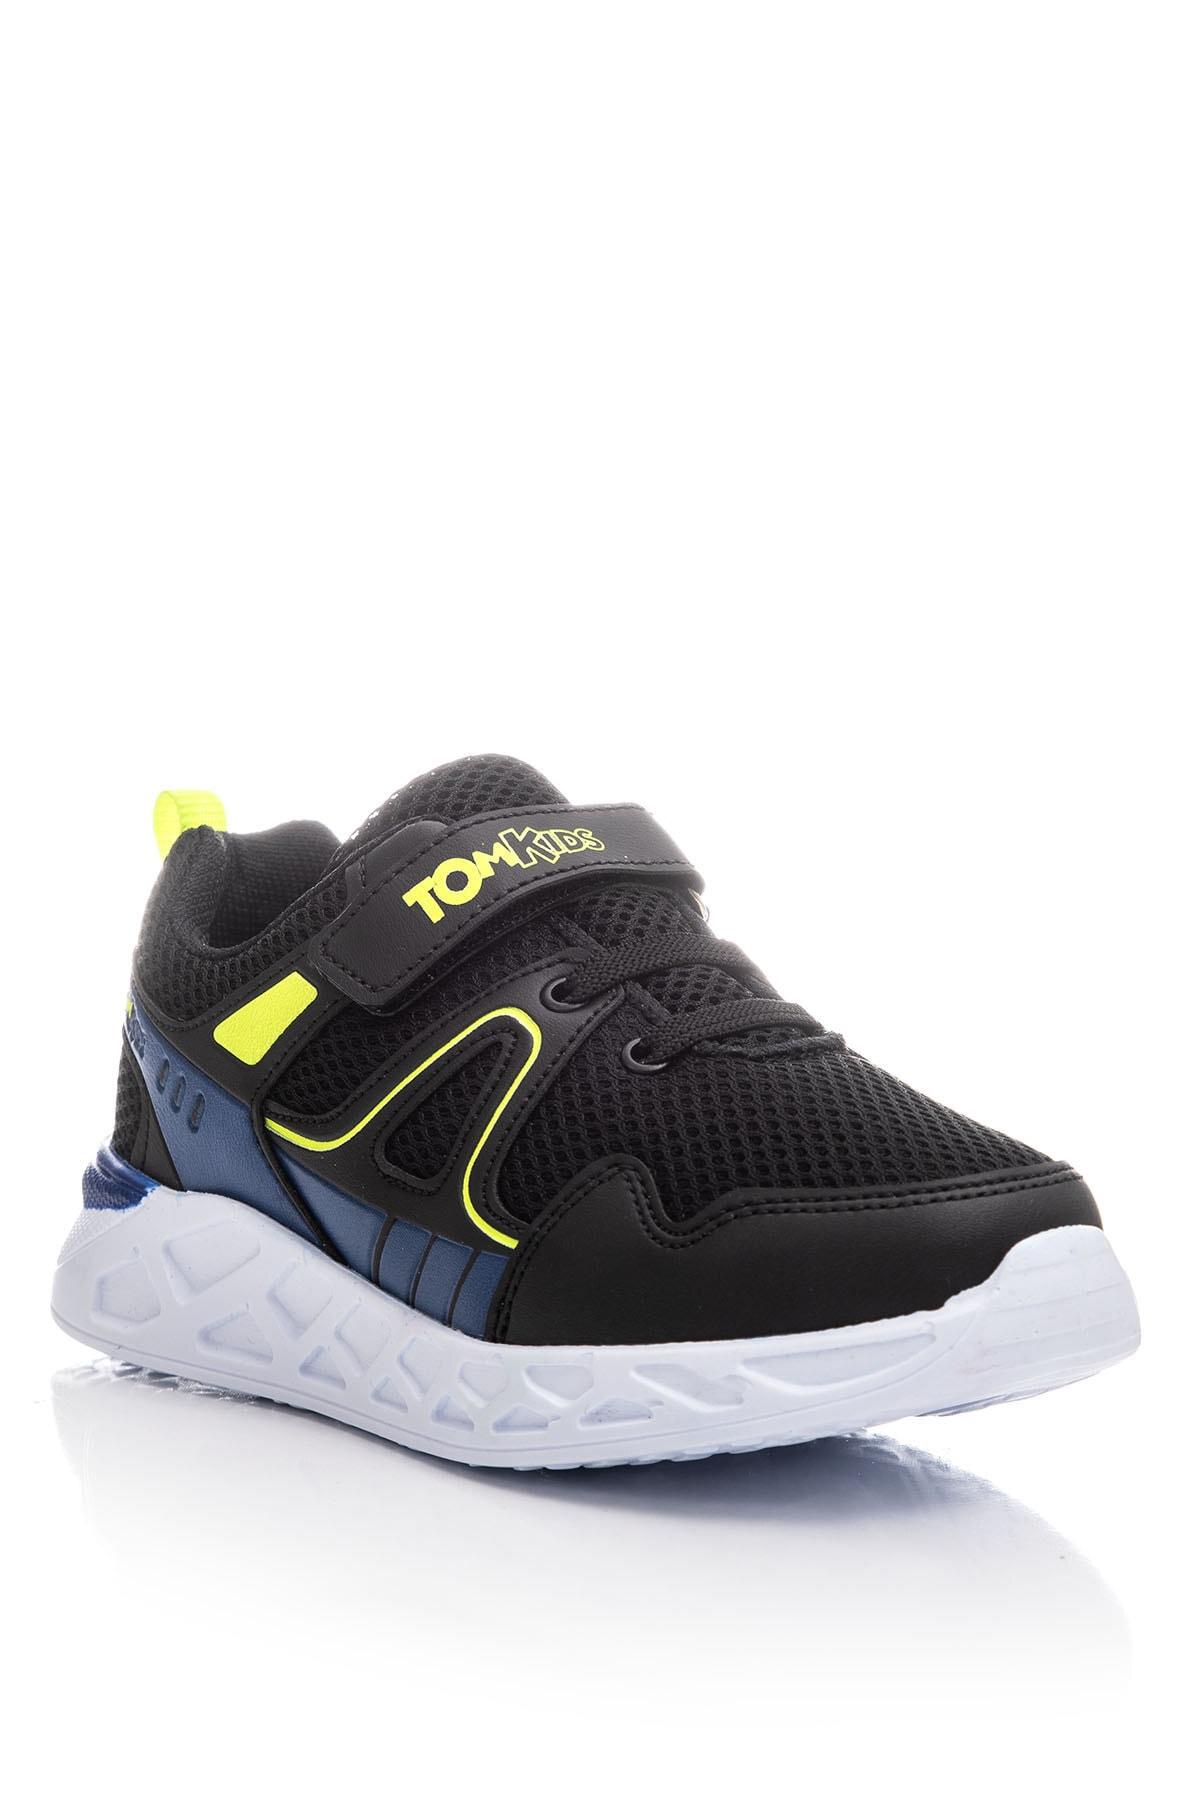 Tonny Black Erkek Çocuk Siyah Spor Ayakkabı TB3401-3 1